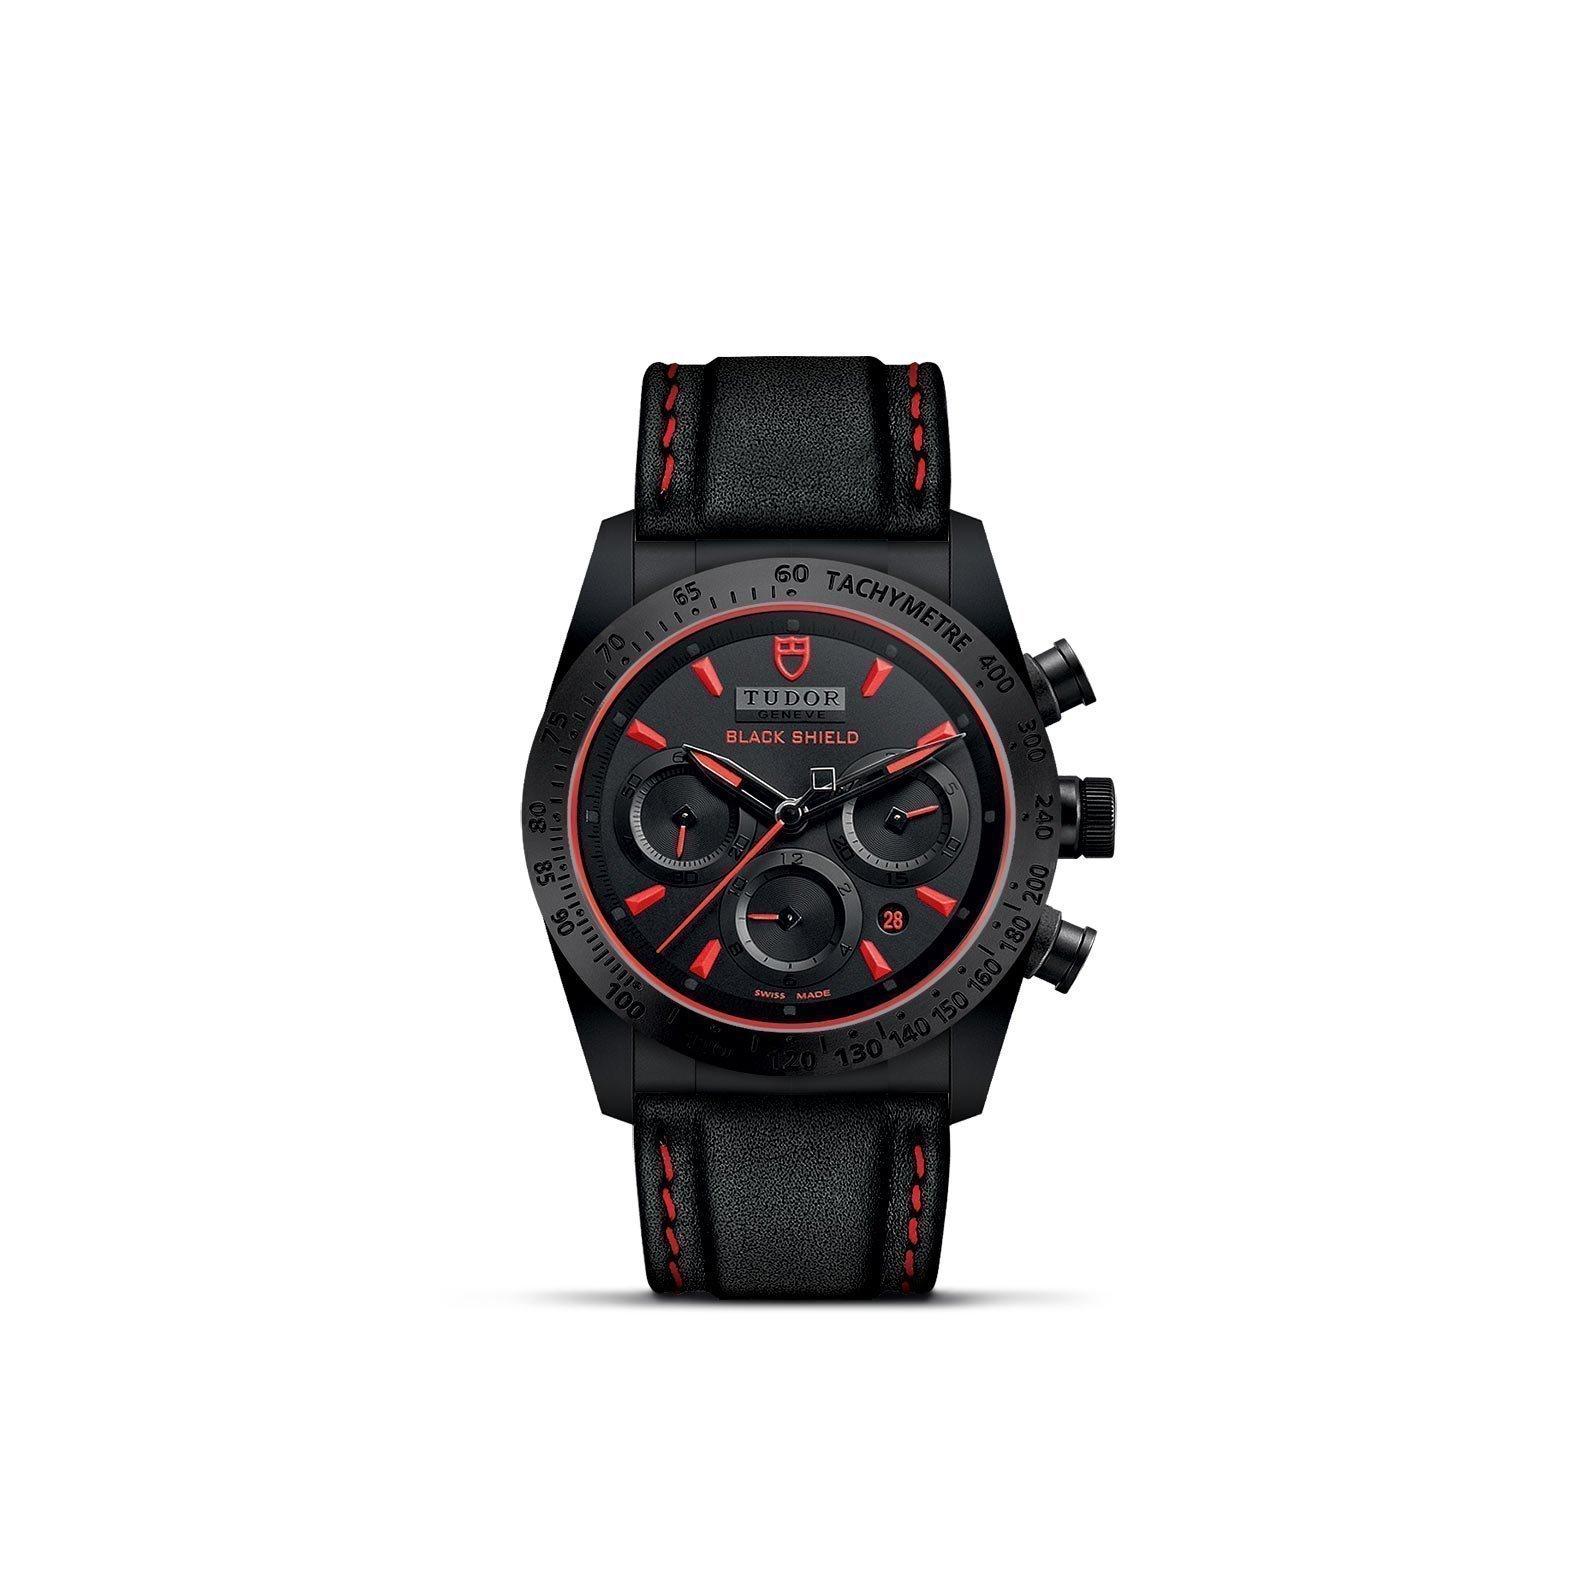 Montre TUDOR Fastrider Black Shield boîtier en céramique, 42mm, bracelet en cuir noir vue 1